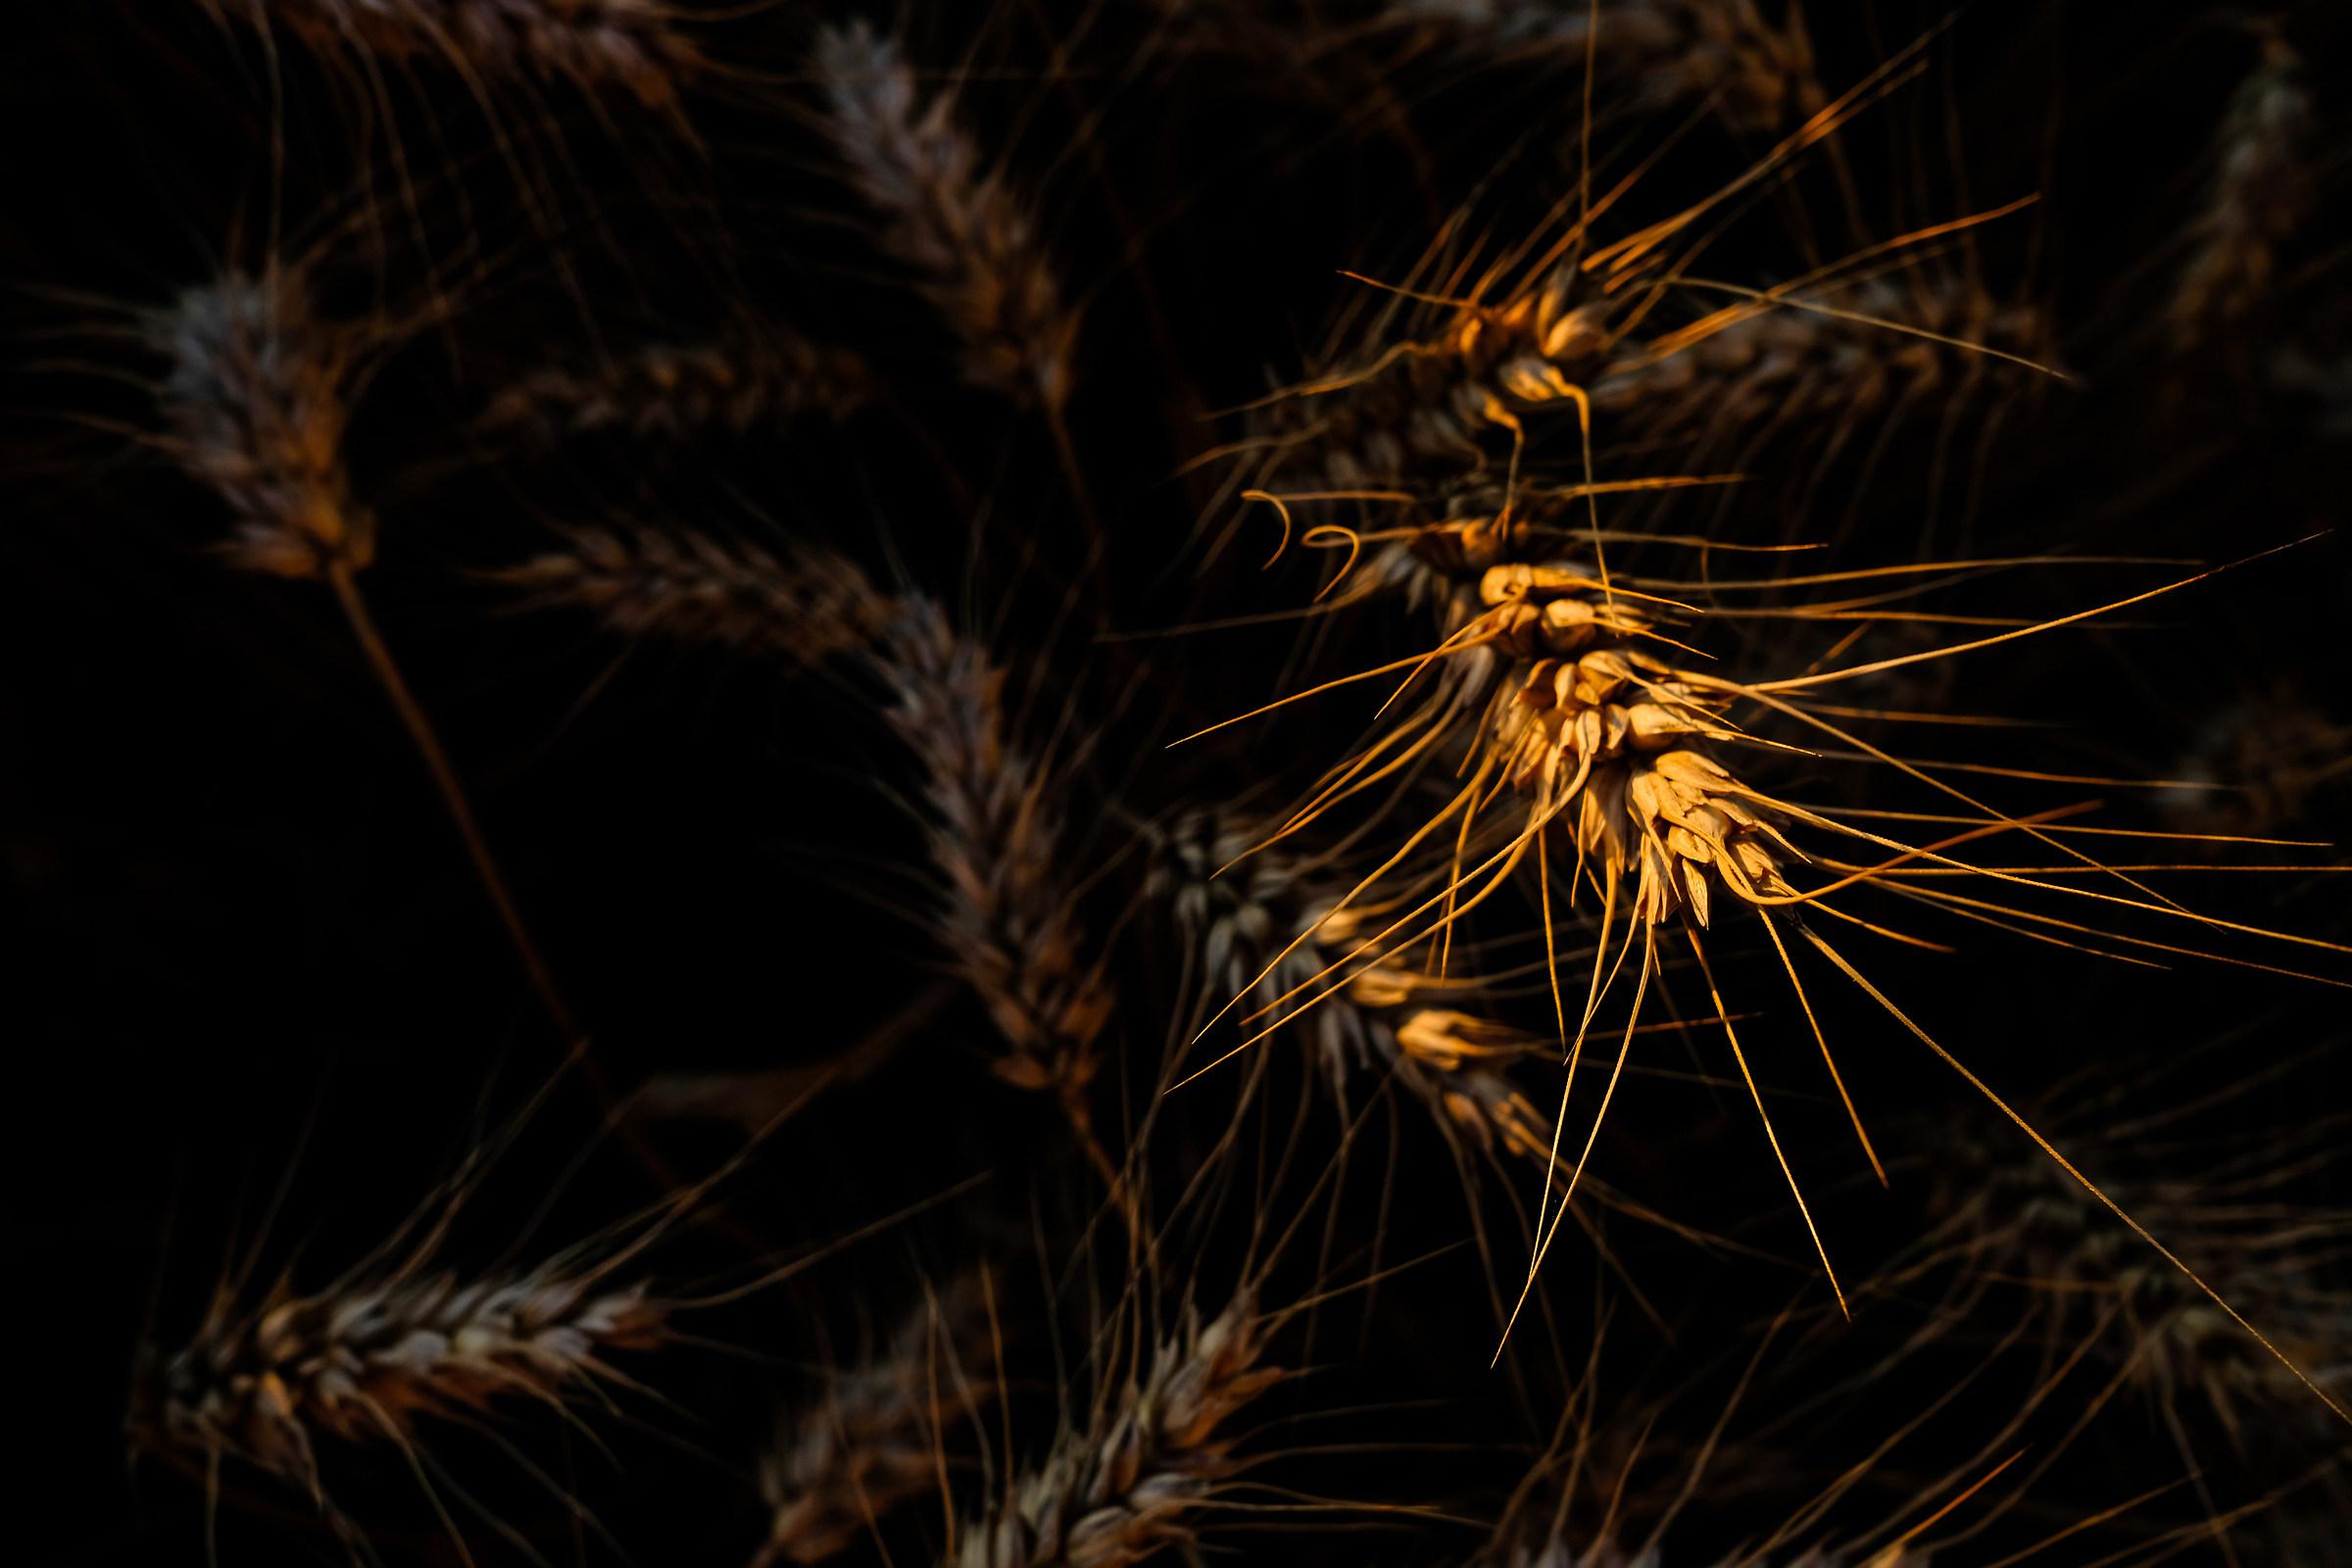 Spiga di grano...